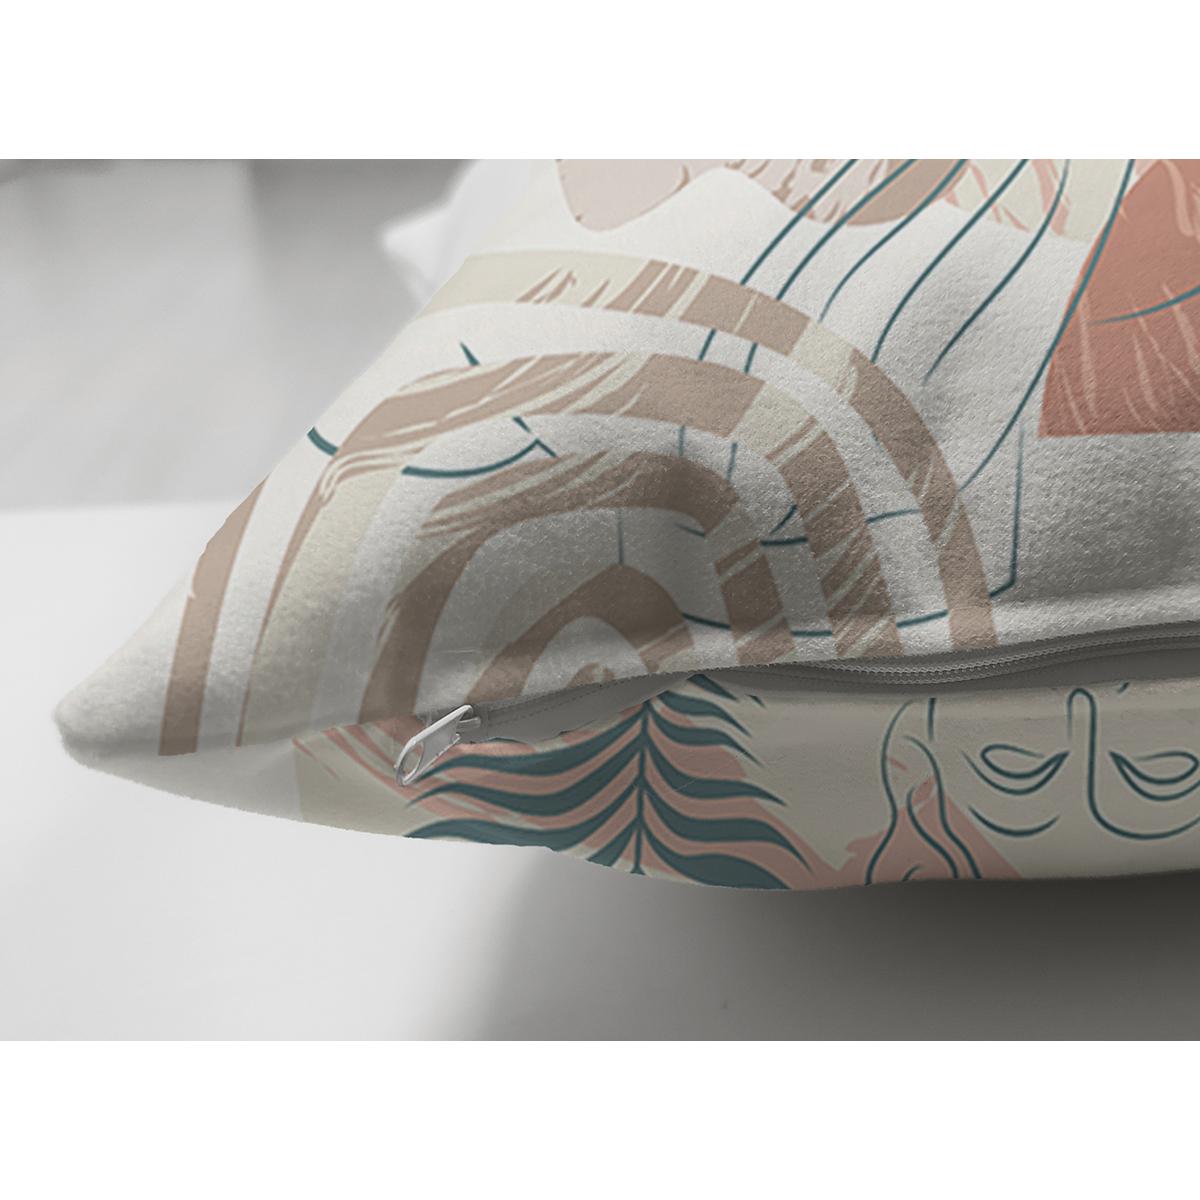 Çift Taraflı Renkli Zeminde Onedraw Antik Çizimli Dijital Baskılı Modern Süet Yastık Kırlent Kılıfı Realhomes